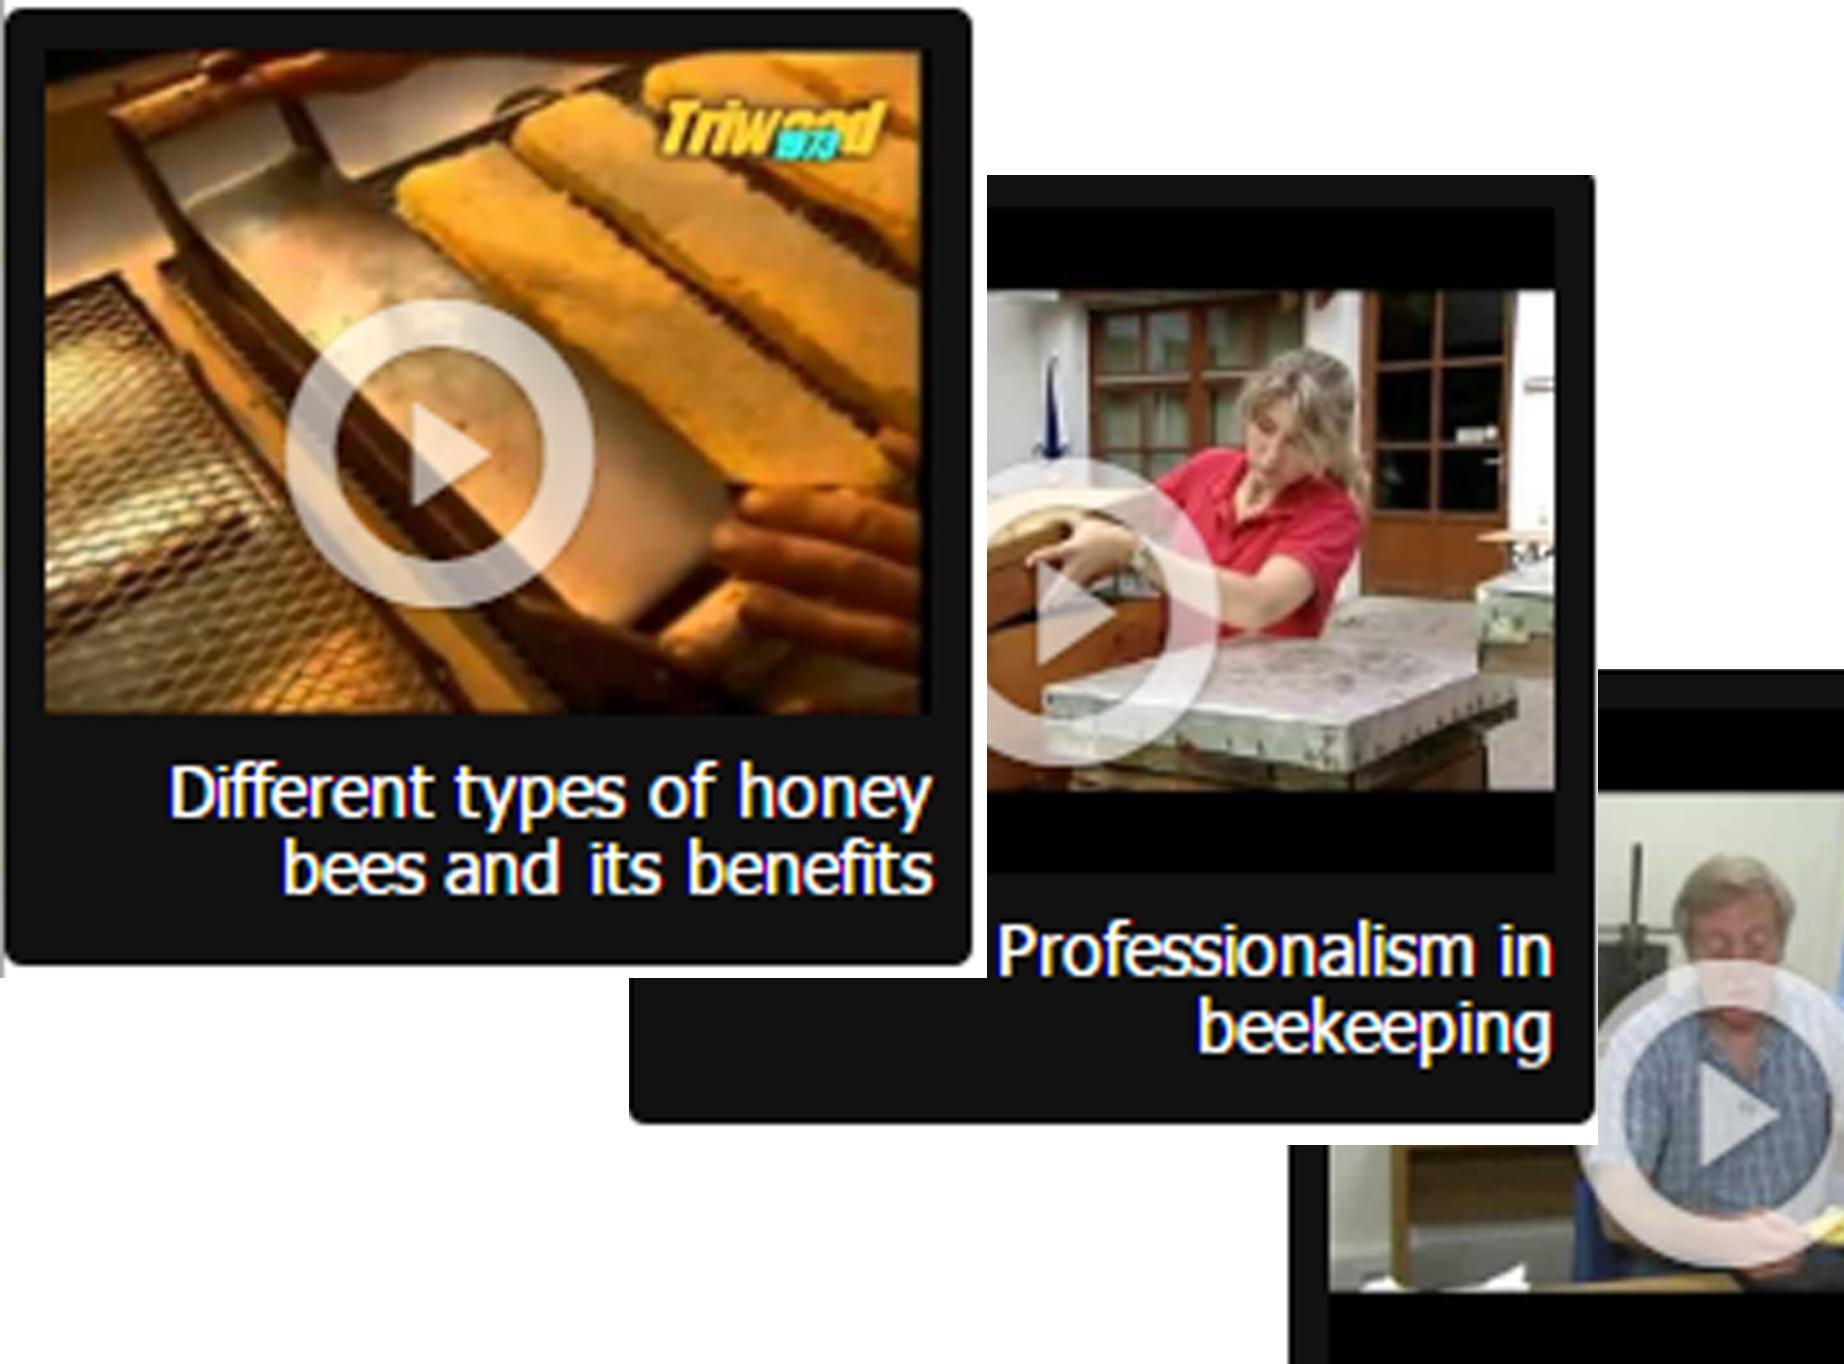 فيديو النحل - باللغة الإنجليزية